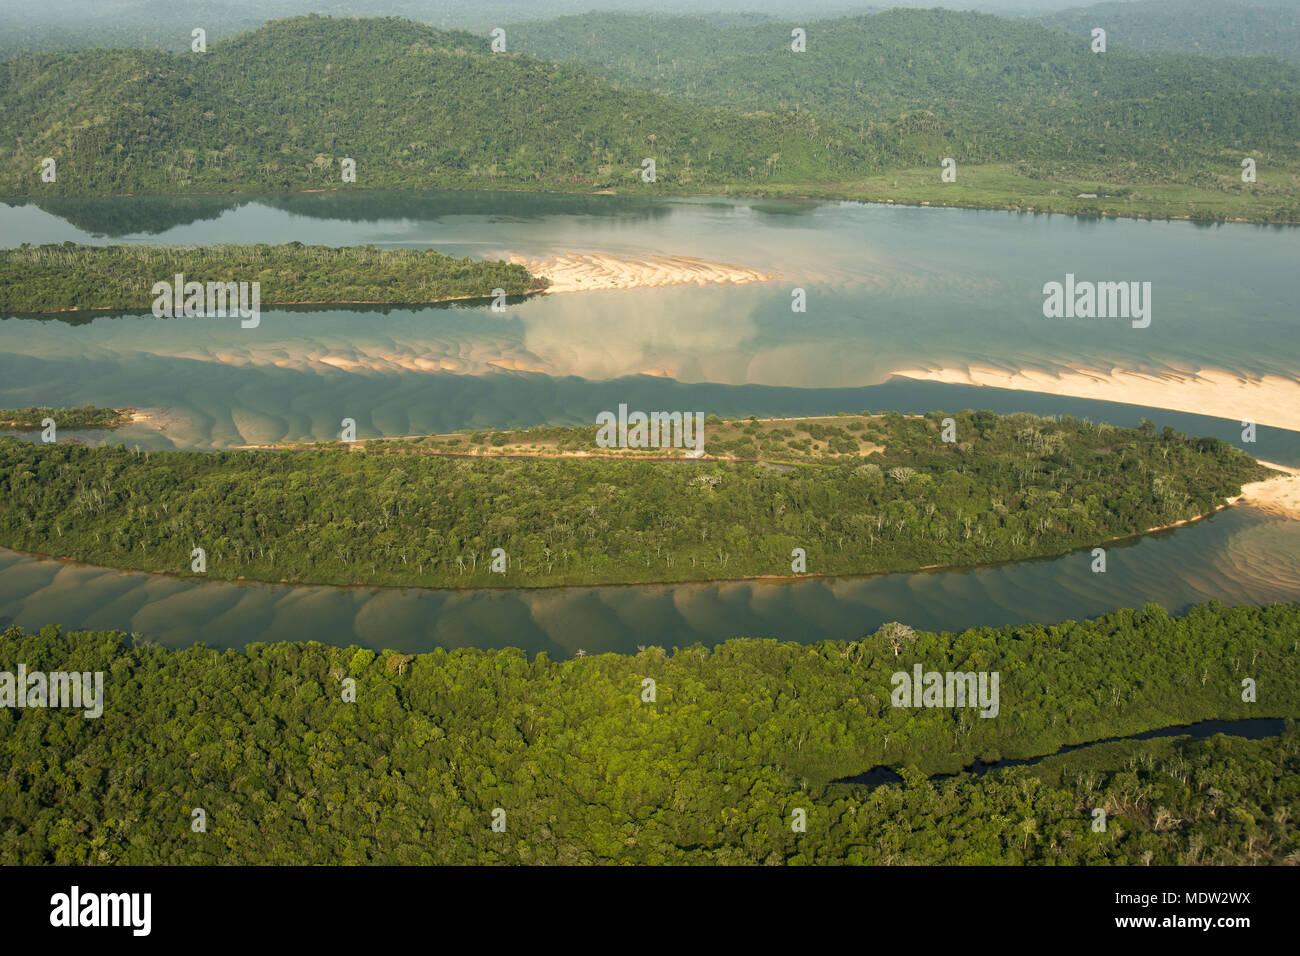 Vue aérienne de la rivière Xingu dans la période de reflux Banque D'Images